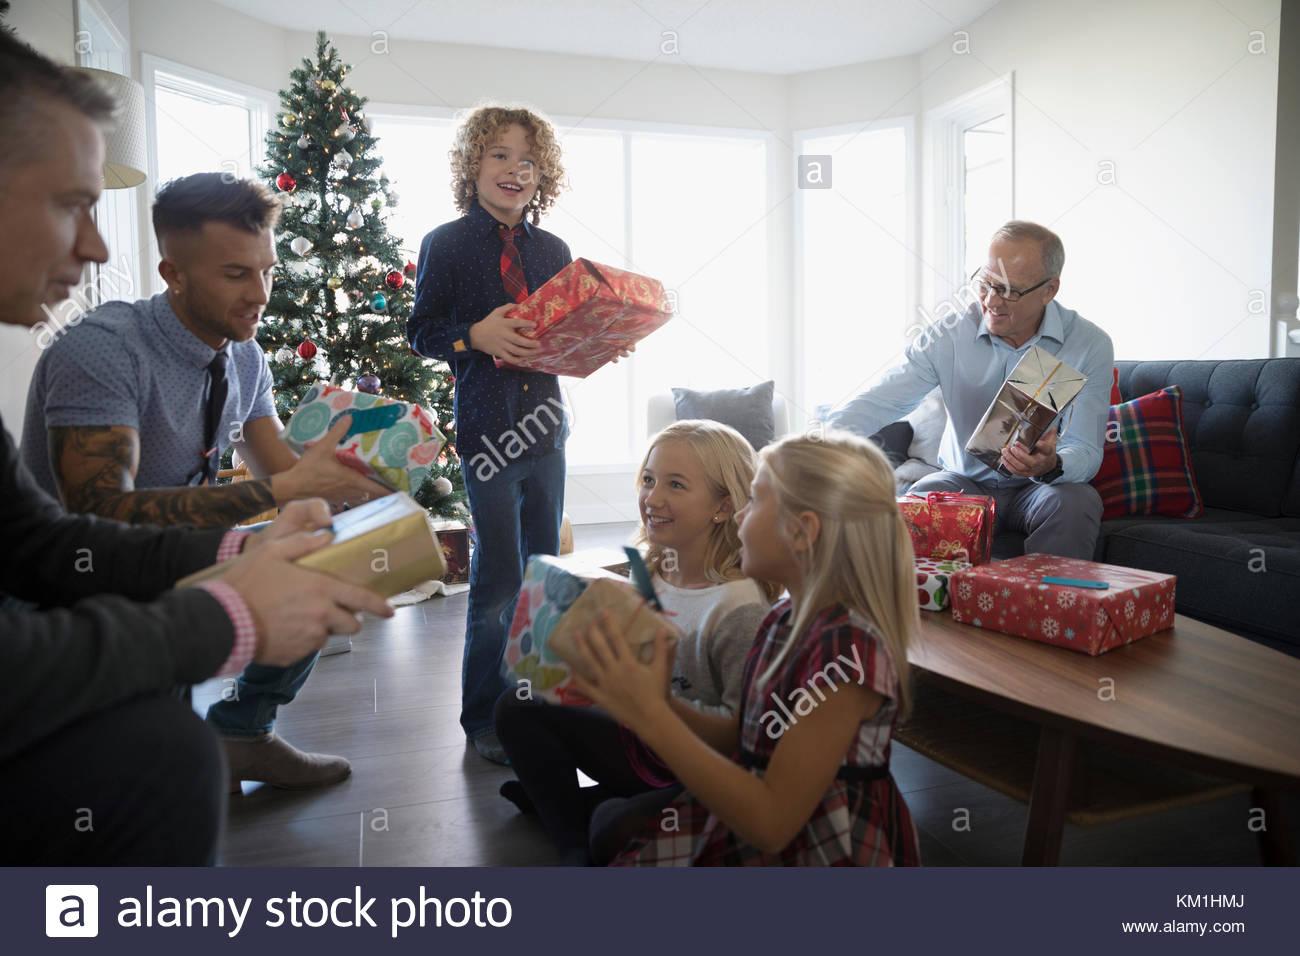 Familie Weihnachtsgeschenke im Wohnzimmer öffnen Stockbild